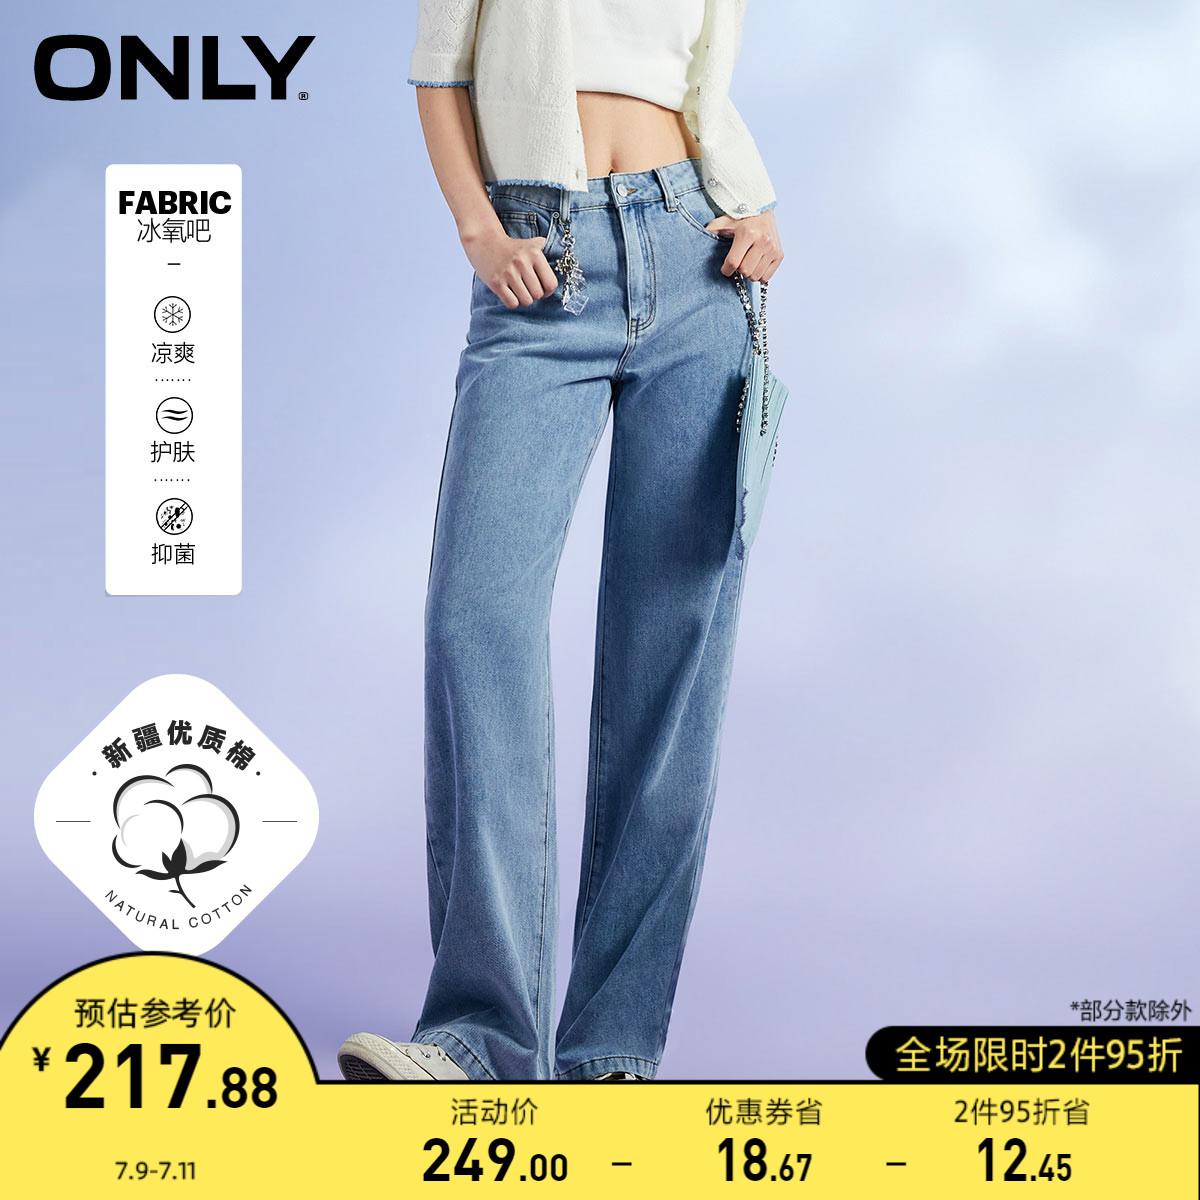 【新疆棉】ONLY2021夏季新款冰氧吧凉感直筒牛仔魔法裤 121232003